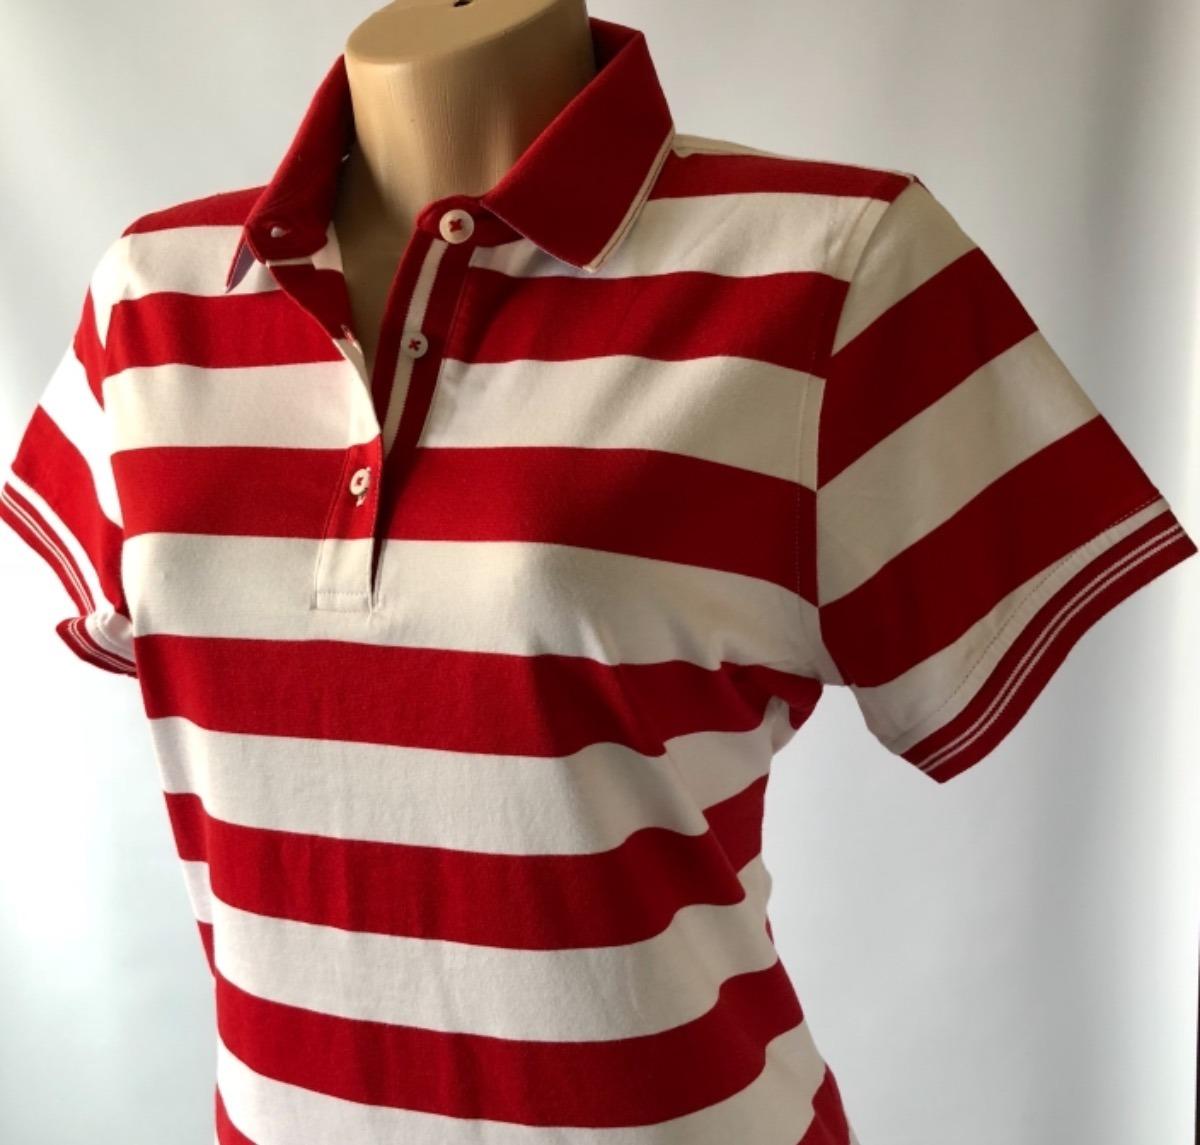 camisa polo feminina dudalina original vários modelos. Carregando zoom. 526b062a3bc04